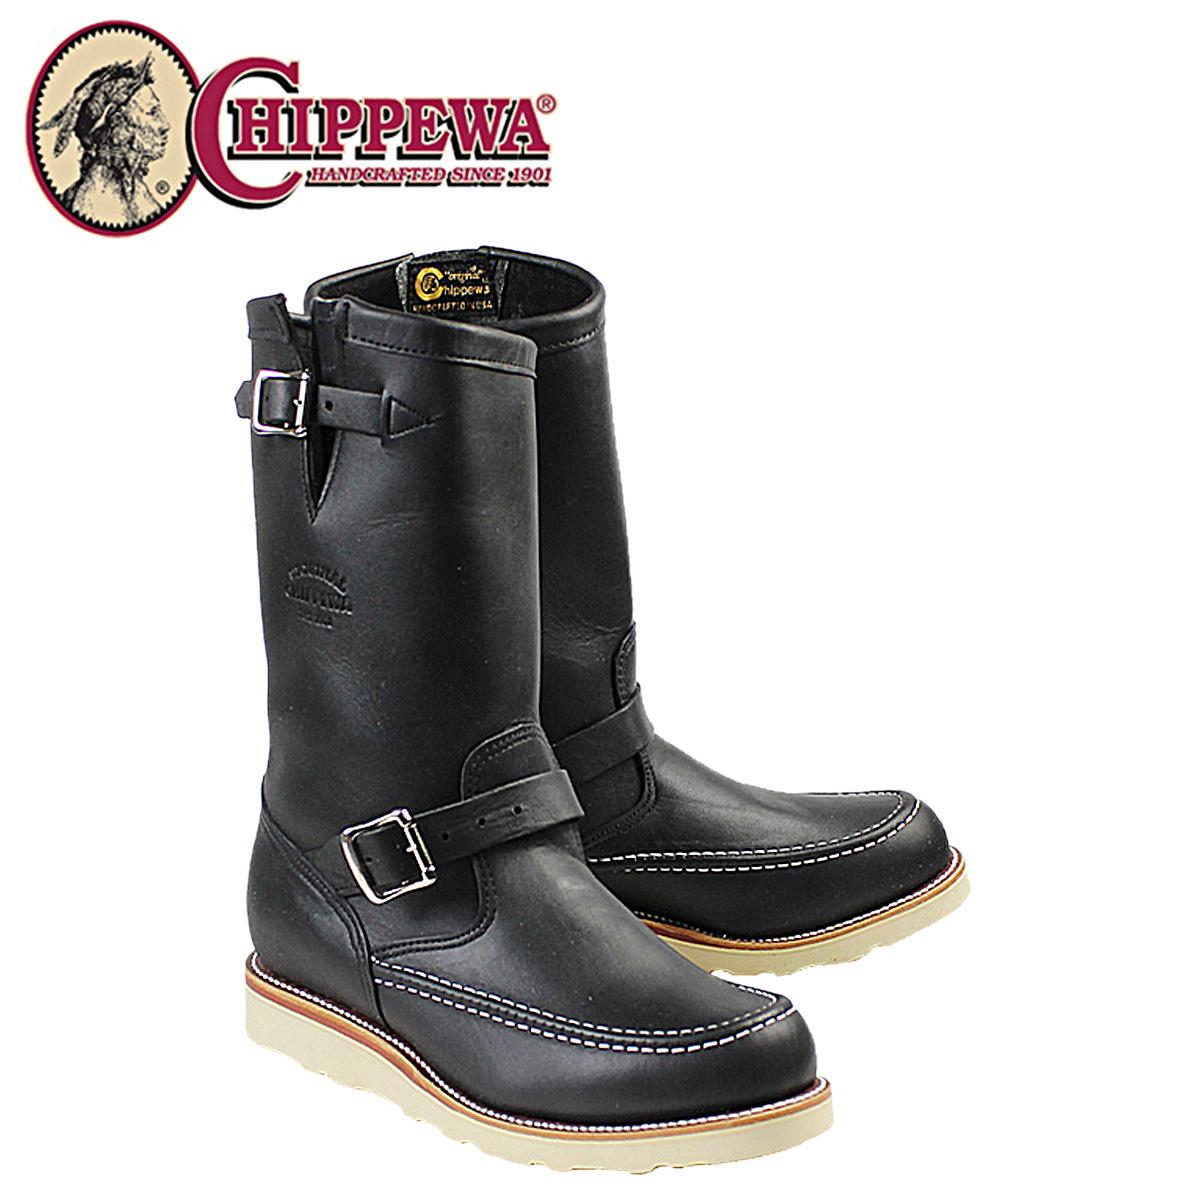 チペワ CHIPPEWA ブーツ 11インチ オデッサ ハイランダー ブラック 1901M00 11INCH ODESSA HIGHLANDER Eワイズ レザー BOOT メンズ, 鏡 壁掛け鏡 インテリアミラー工房:f60c6a5b --- i360.jp